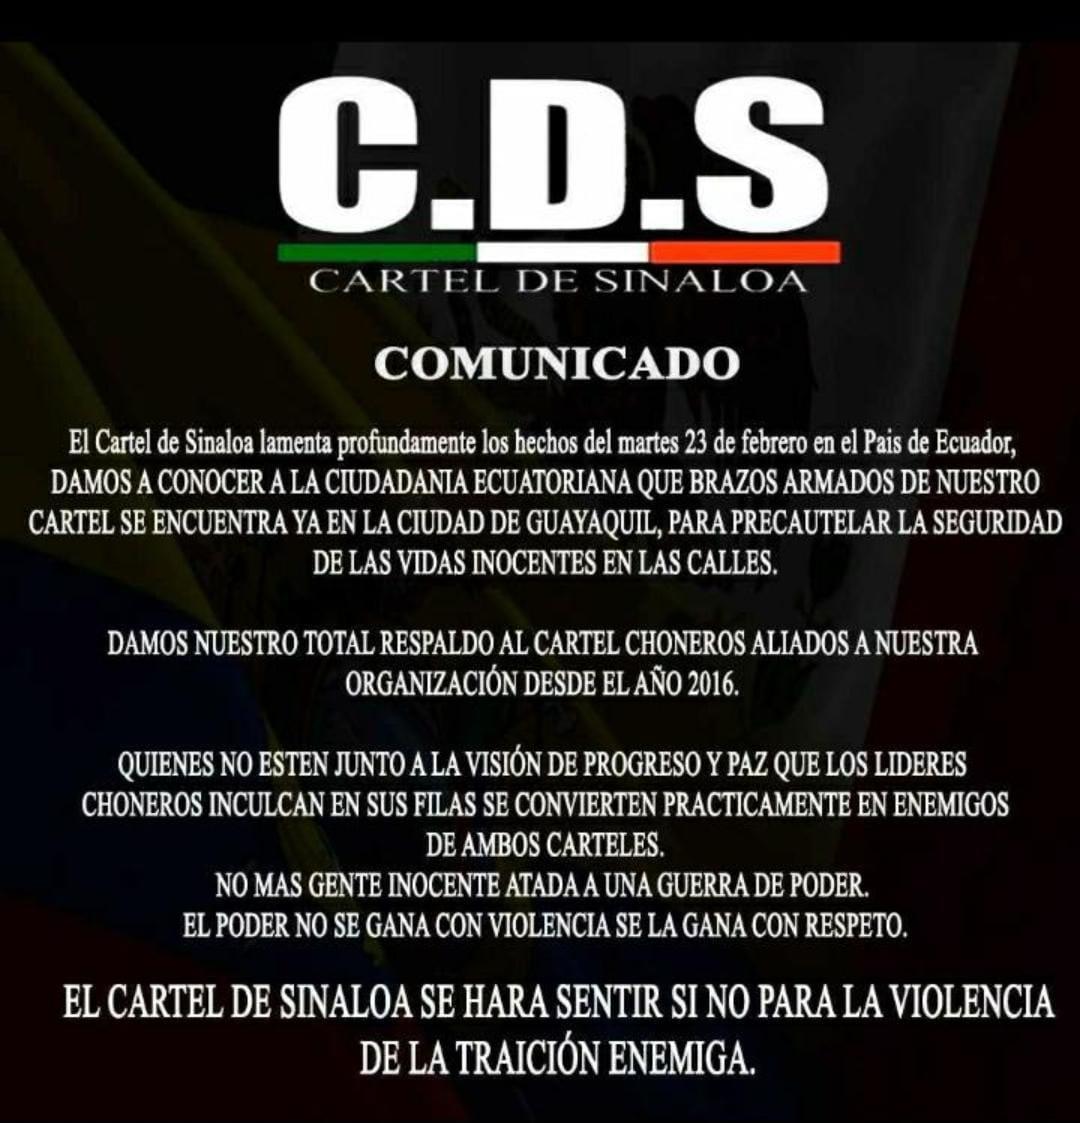 ECUADOR CARTEL DE SINALOA ENVIA MENSAJE A NUESTRA NACION #ULTIMAHORA #Amotinamientos #24deFebrero #DiaDeLaBandera #CabezaDeNarco #ConLaTuyaSiSePuede #RenunciaMoreno #NoMasONU #UCL #UFC257 #UnVioladorNoSeraGobernador